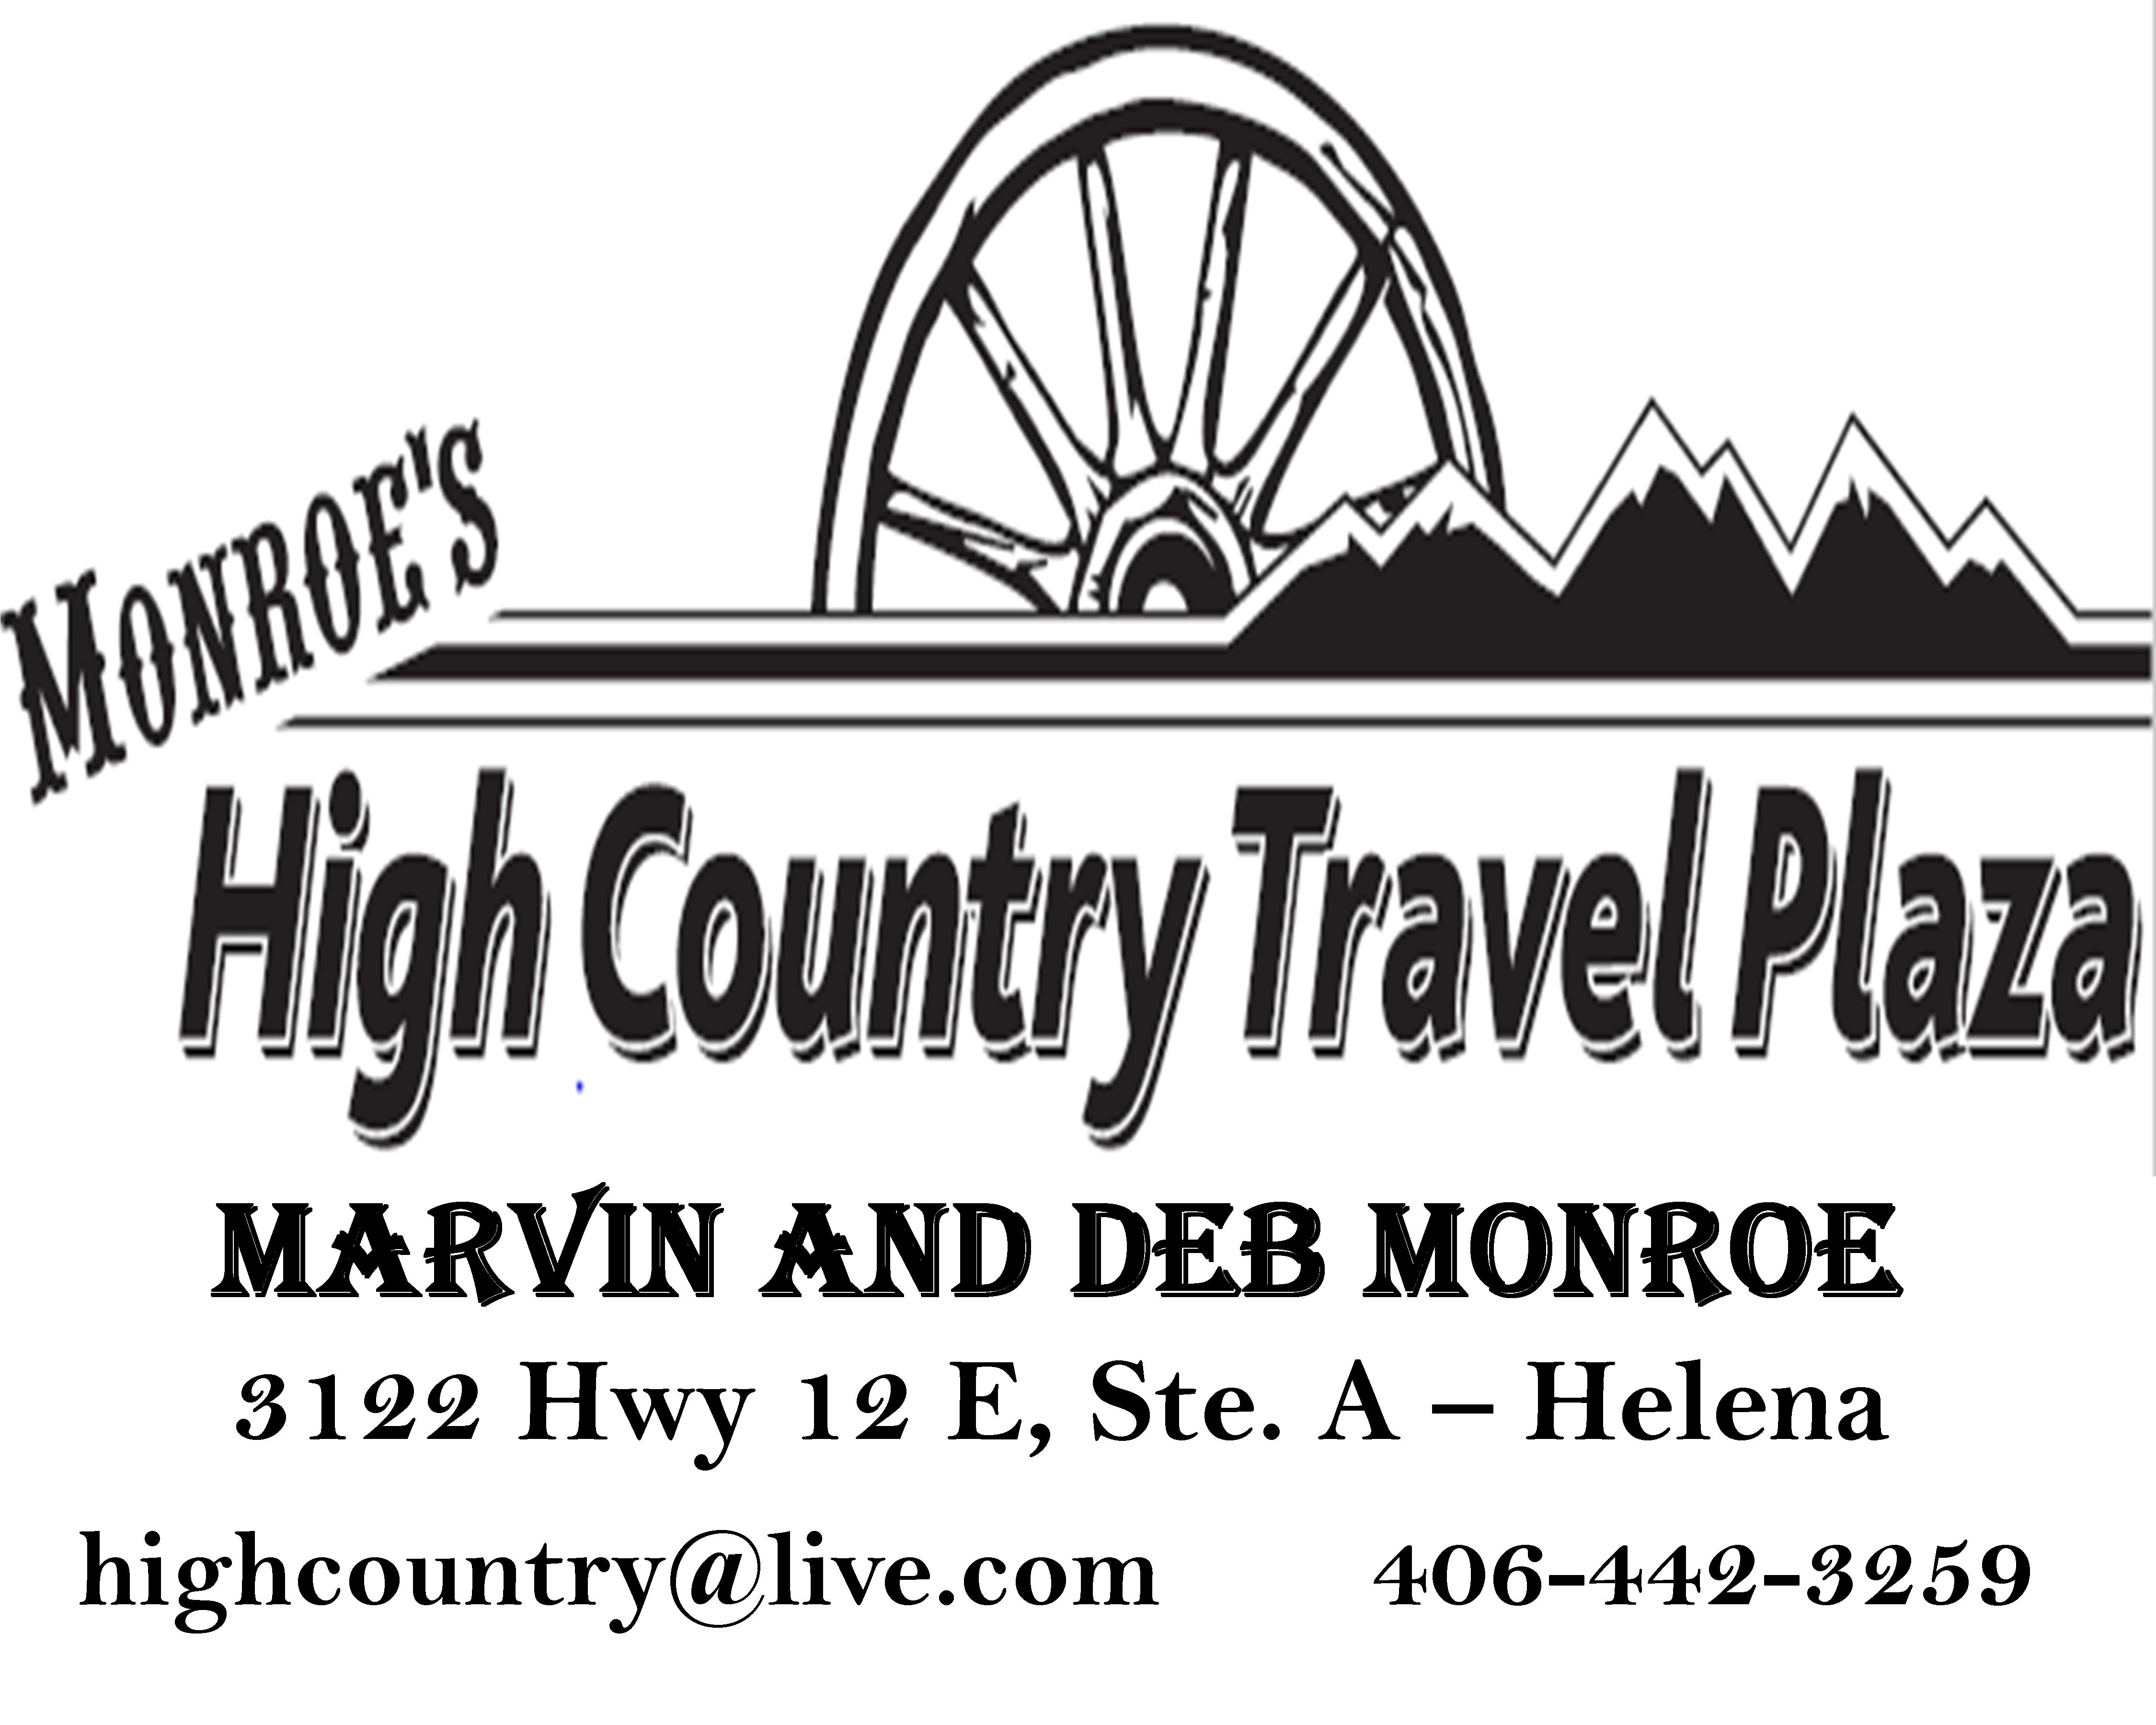 About Mt Dav 3rd Annual Servpro Montana Dav Golf Tournament